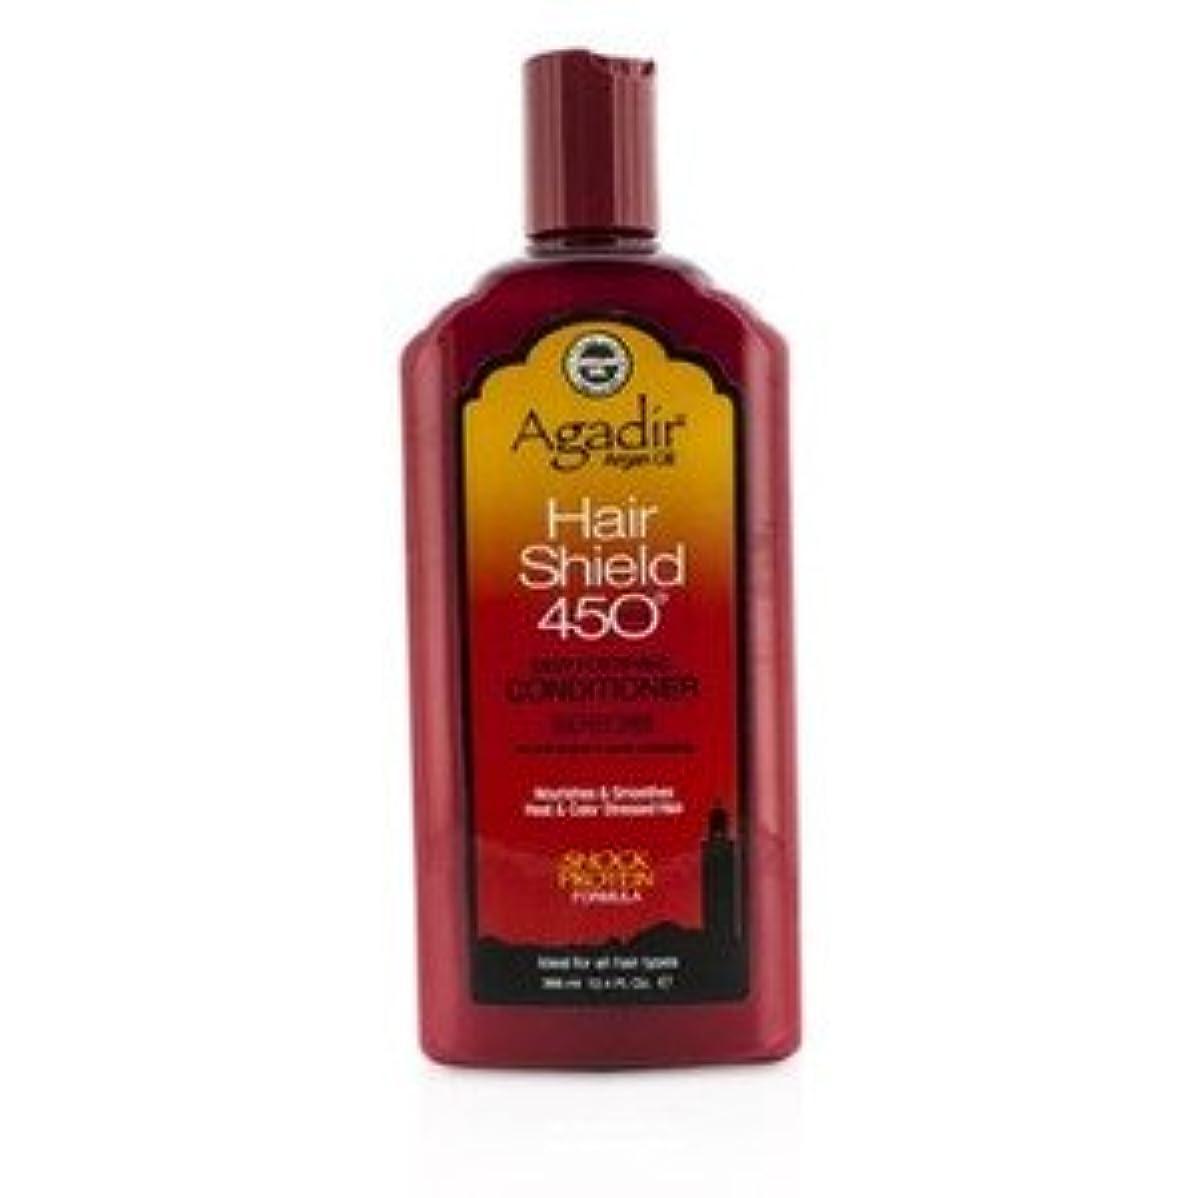 カートン文明化座るアガディール(Agadir) ヘア シールド 450 プラス ディープ フォーティファイング コンディショナー - サルフェートフリー(For All Hair Types) 366ml/12.4oz [並行輸入品]